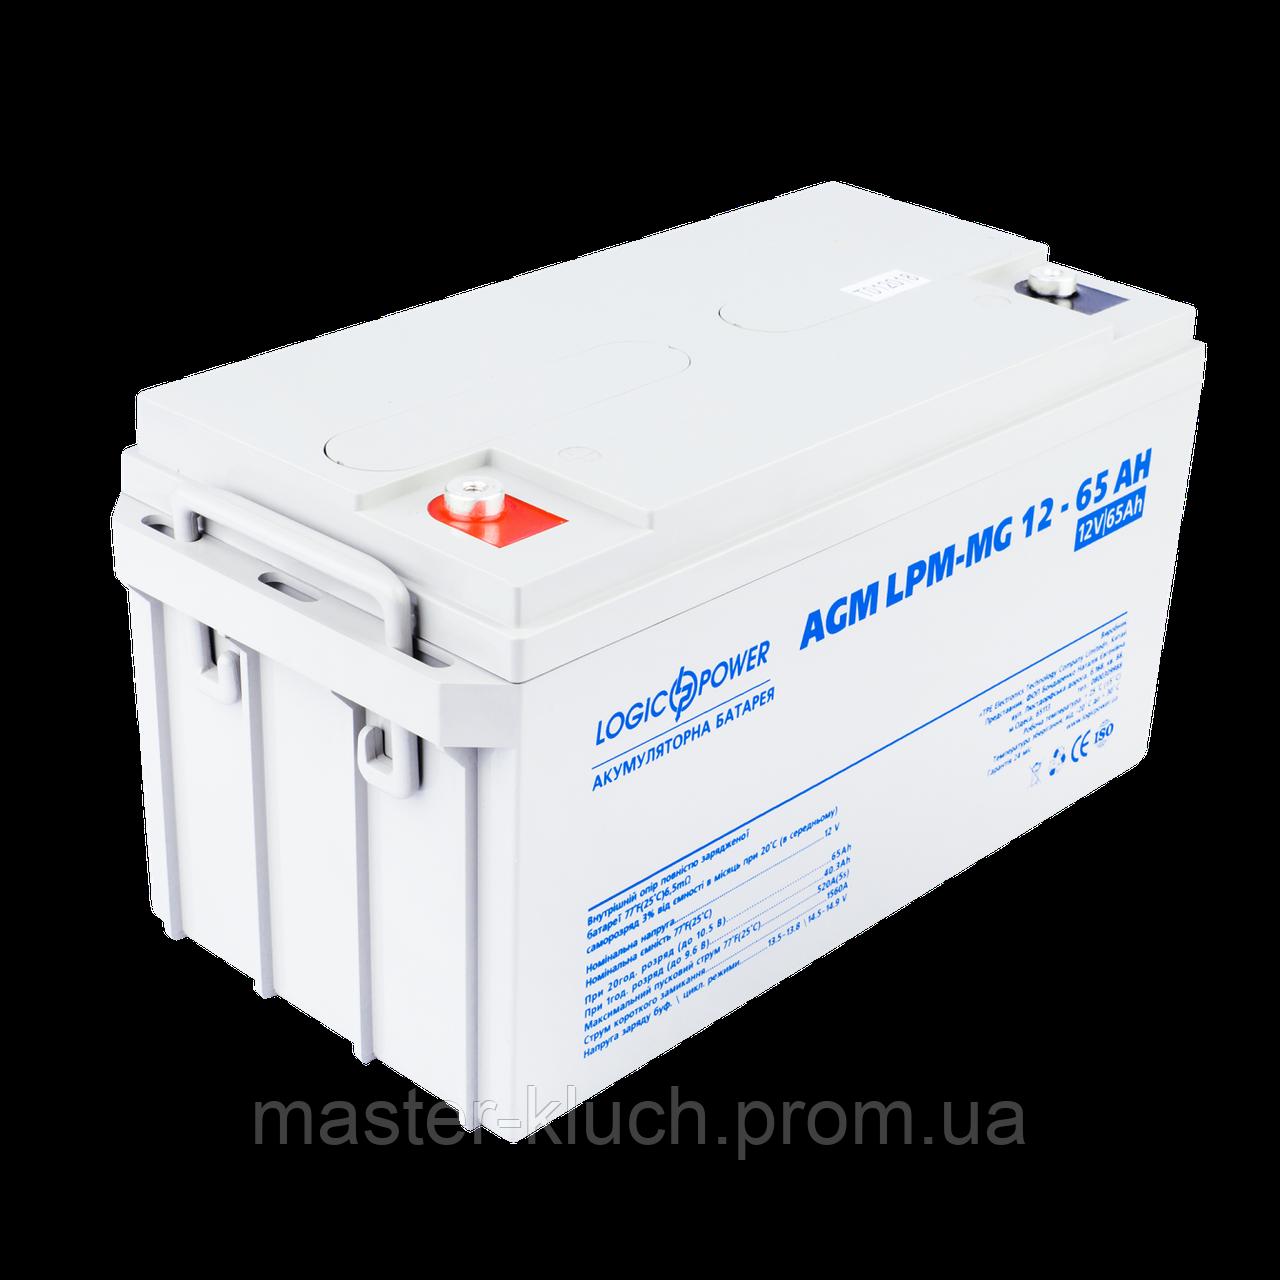 Аккумулятор мультигелевый  LogicPower LPM-MG 12 - 65 AH,12 В ,65 Ah,AGM